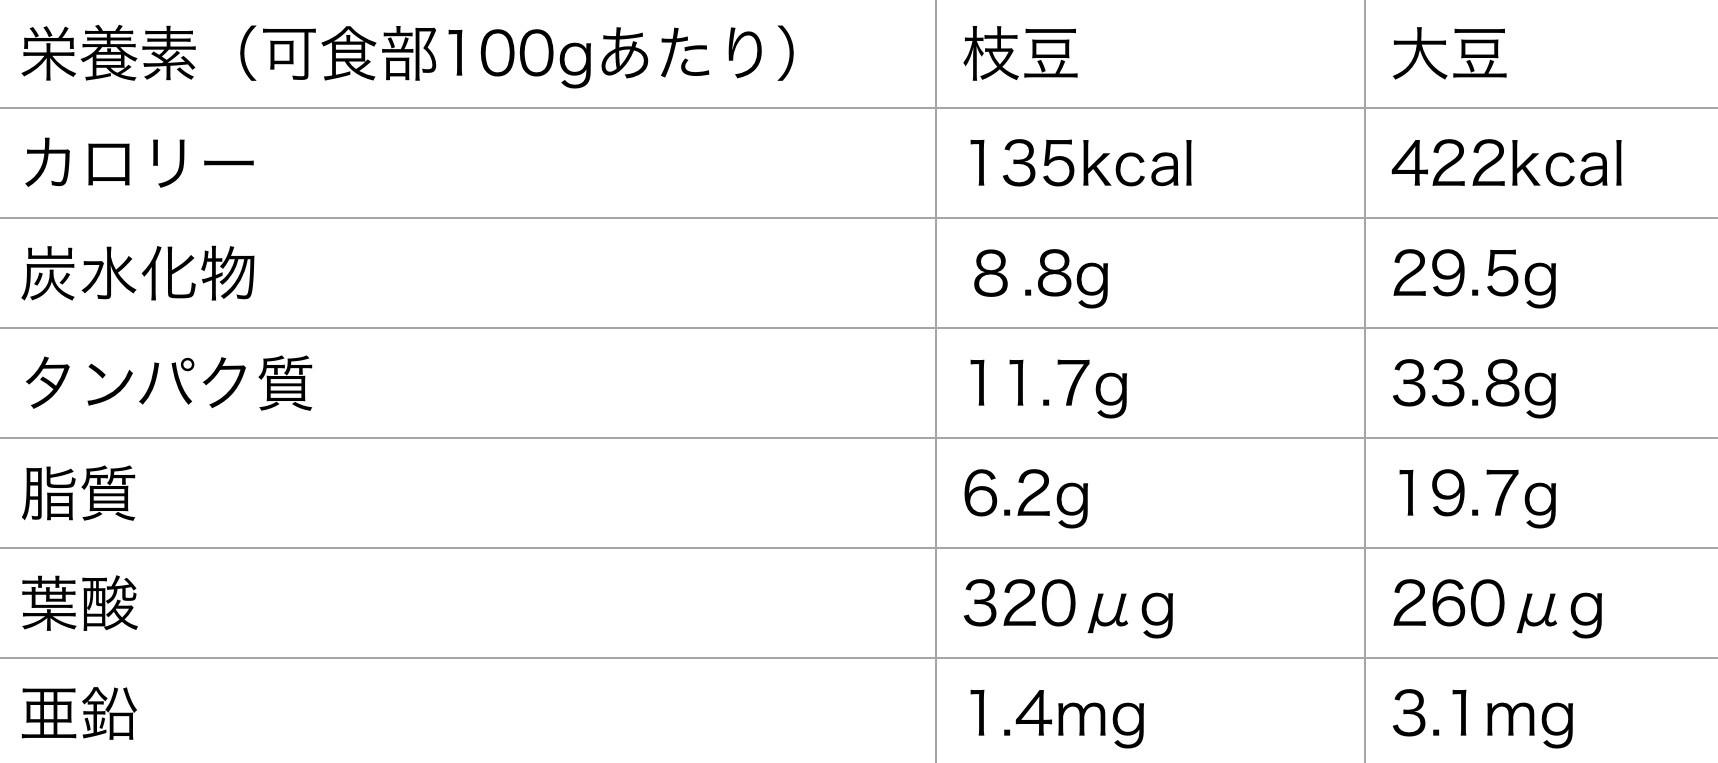 枝豆と大豆の栄養素の違い